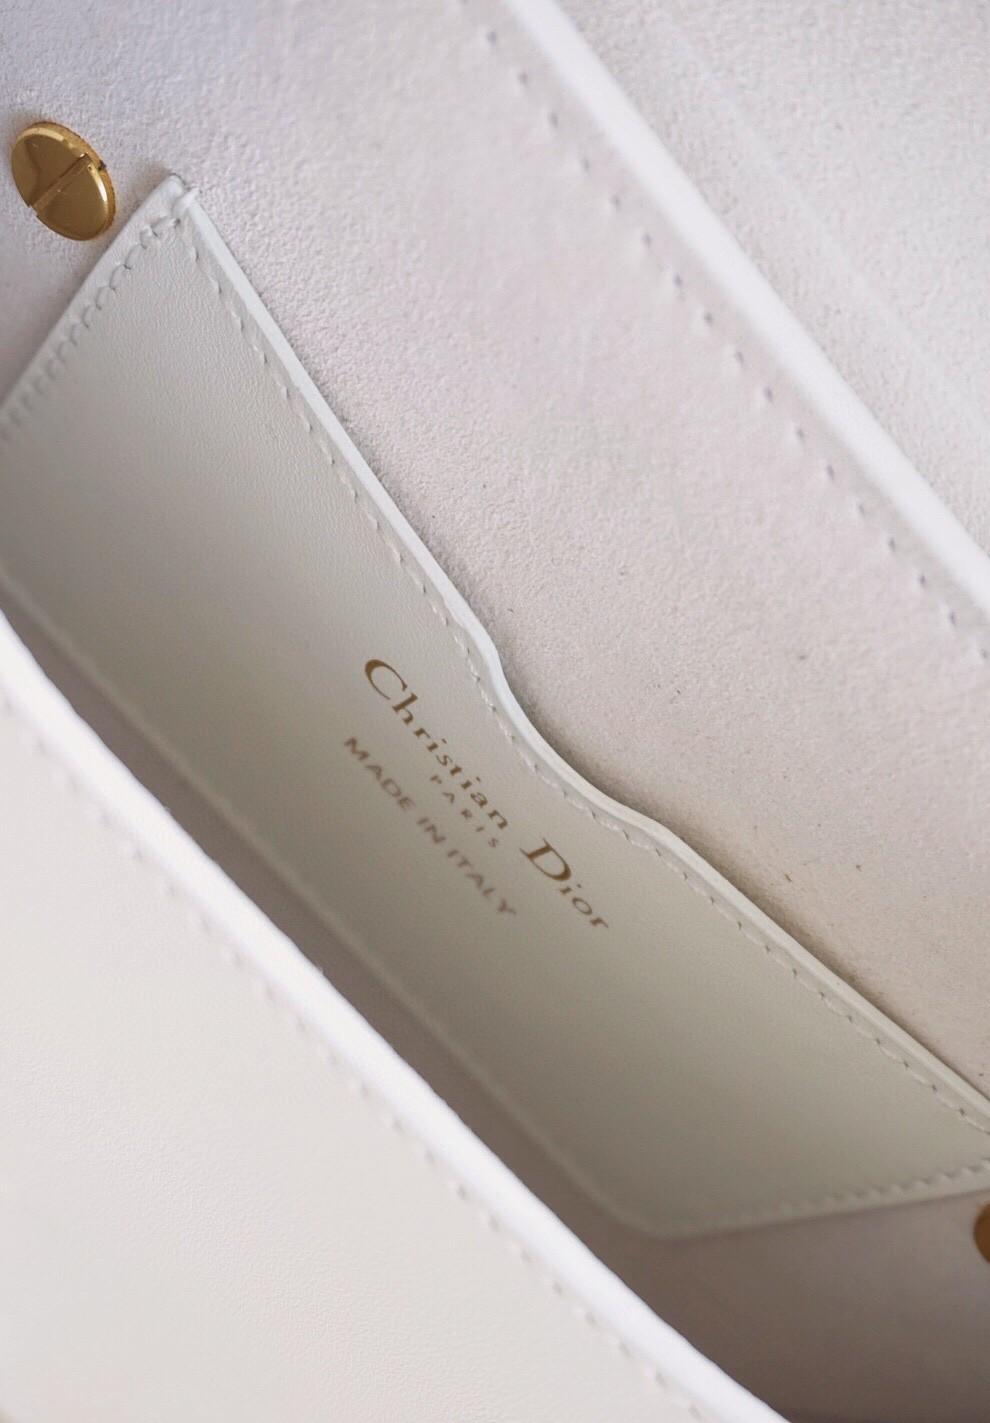 Dior 迪奥 Bobby 白色 小号/18cm 自带圆润温柔气息